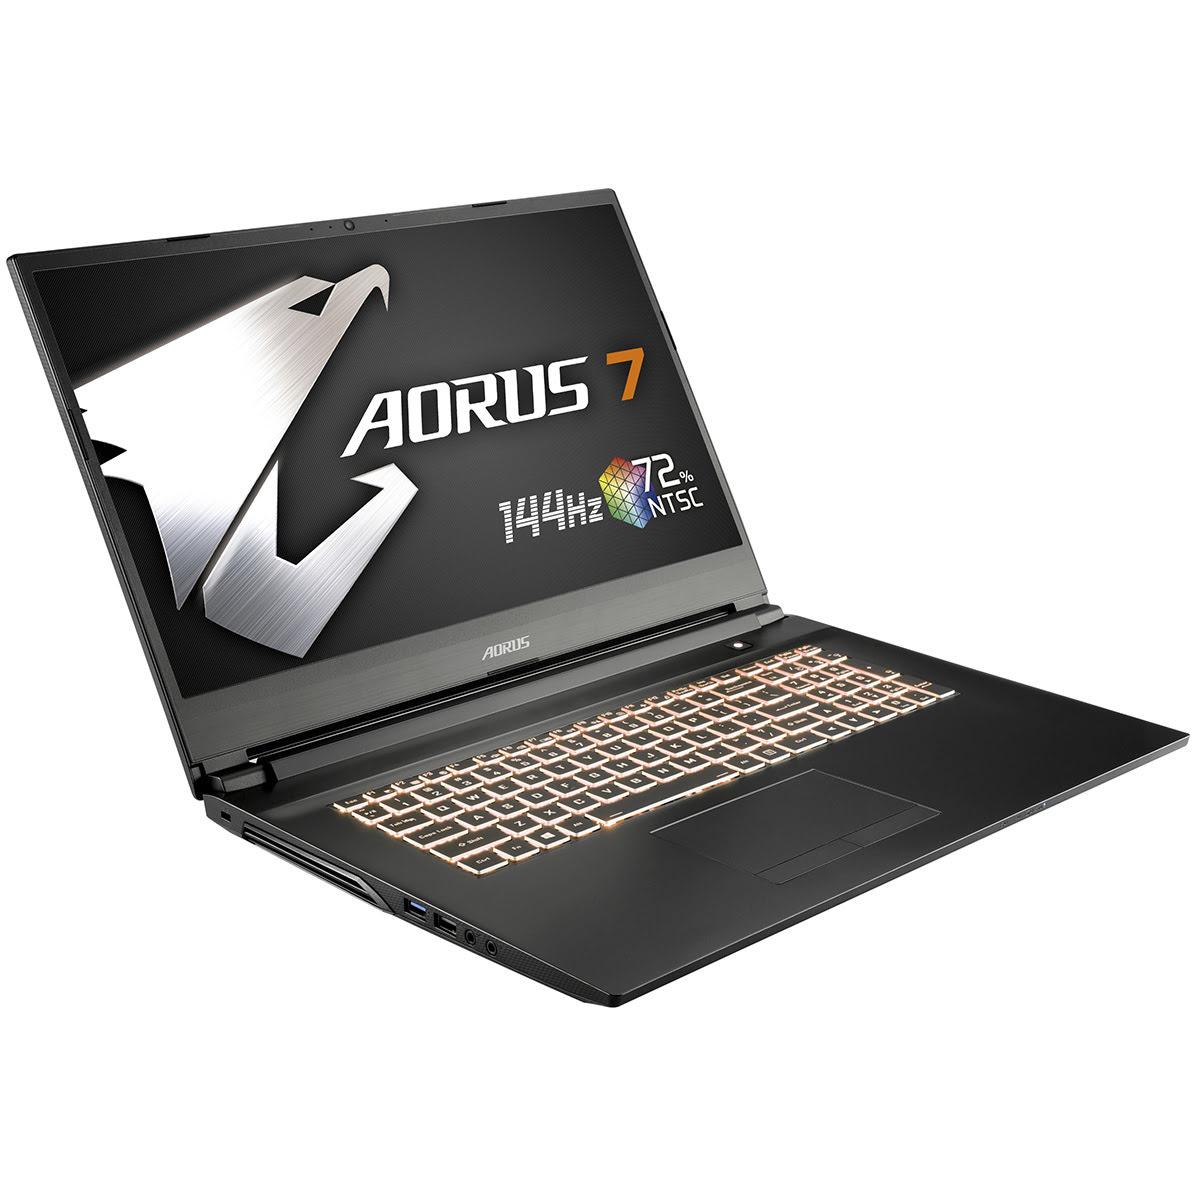 Gigabyte AORUS 7 SA-7FR1130SH - PC portable Gigabyte - Cybertek.fr - 1